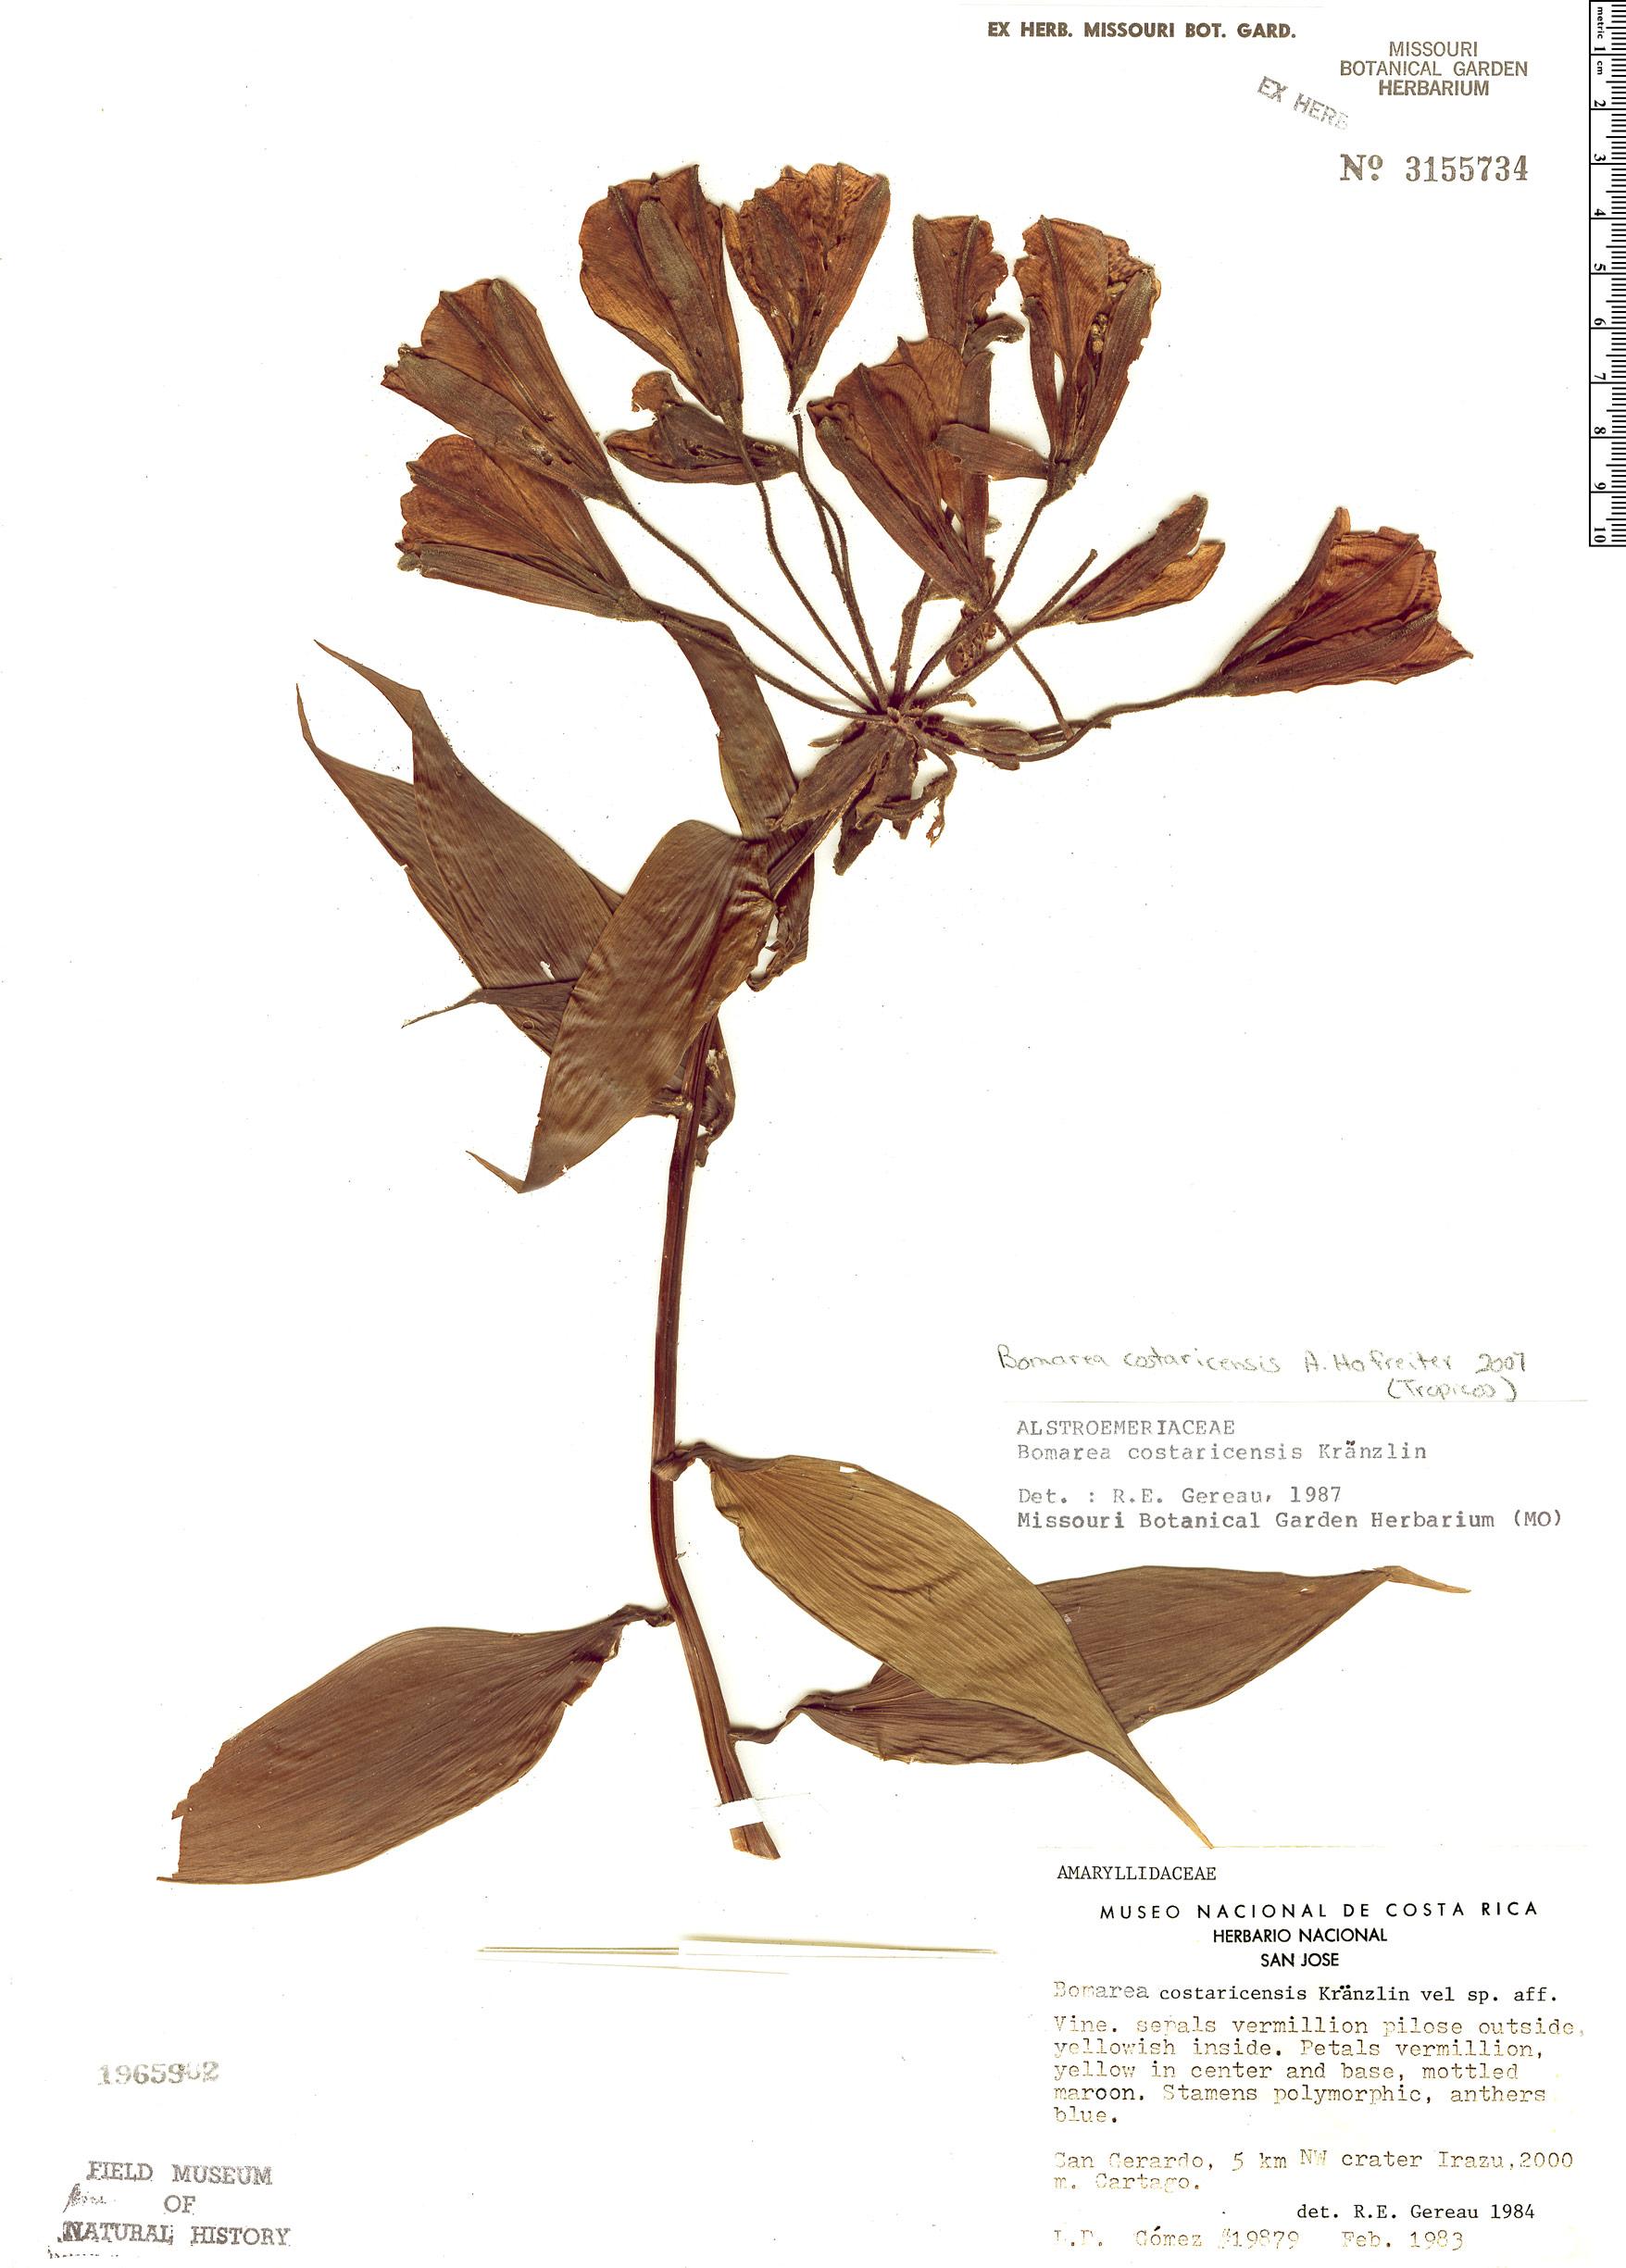 Specimen: Bomarea costaricensis